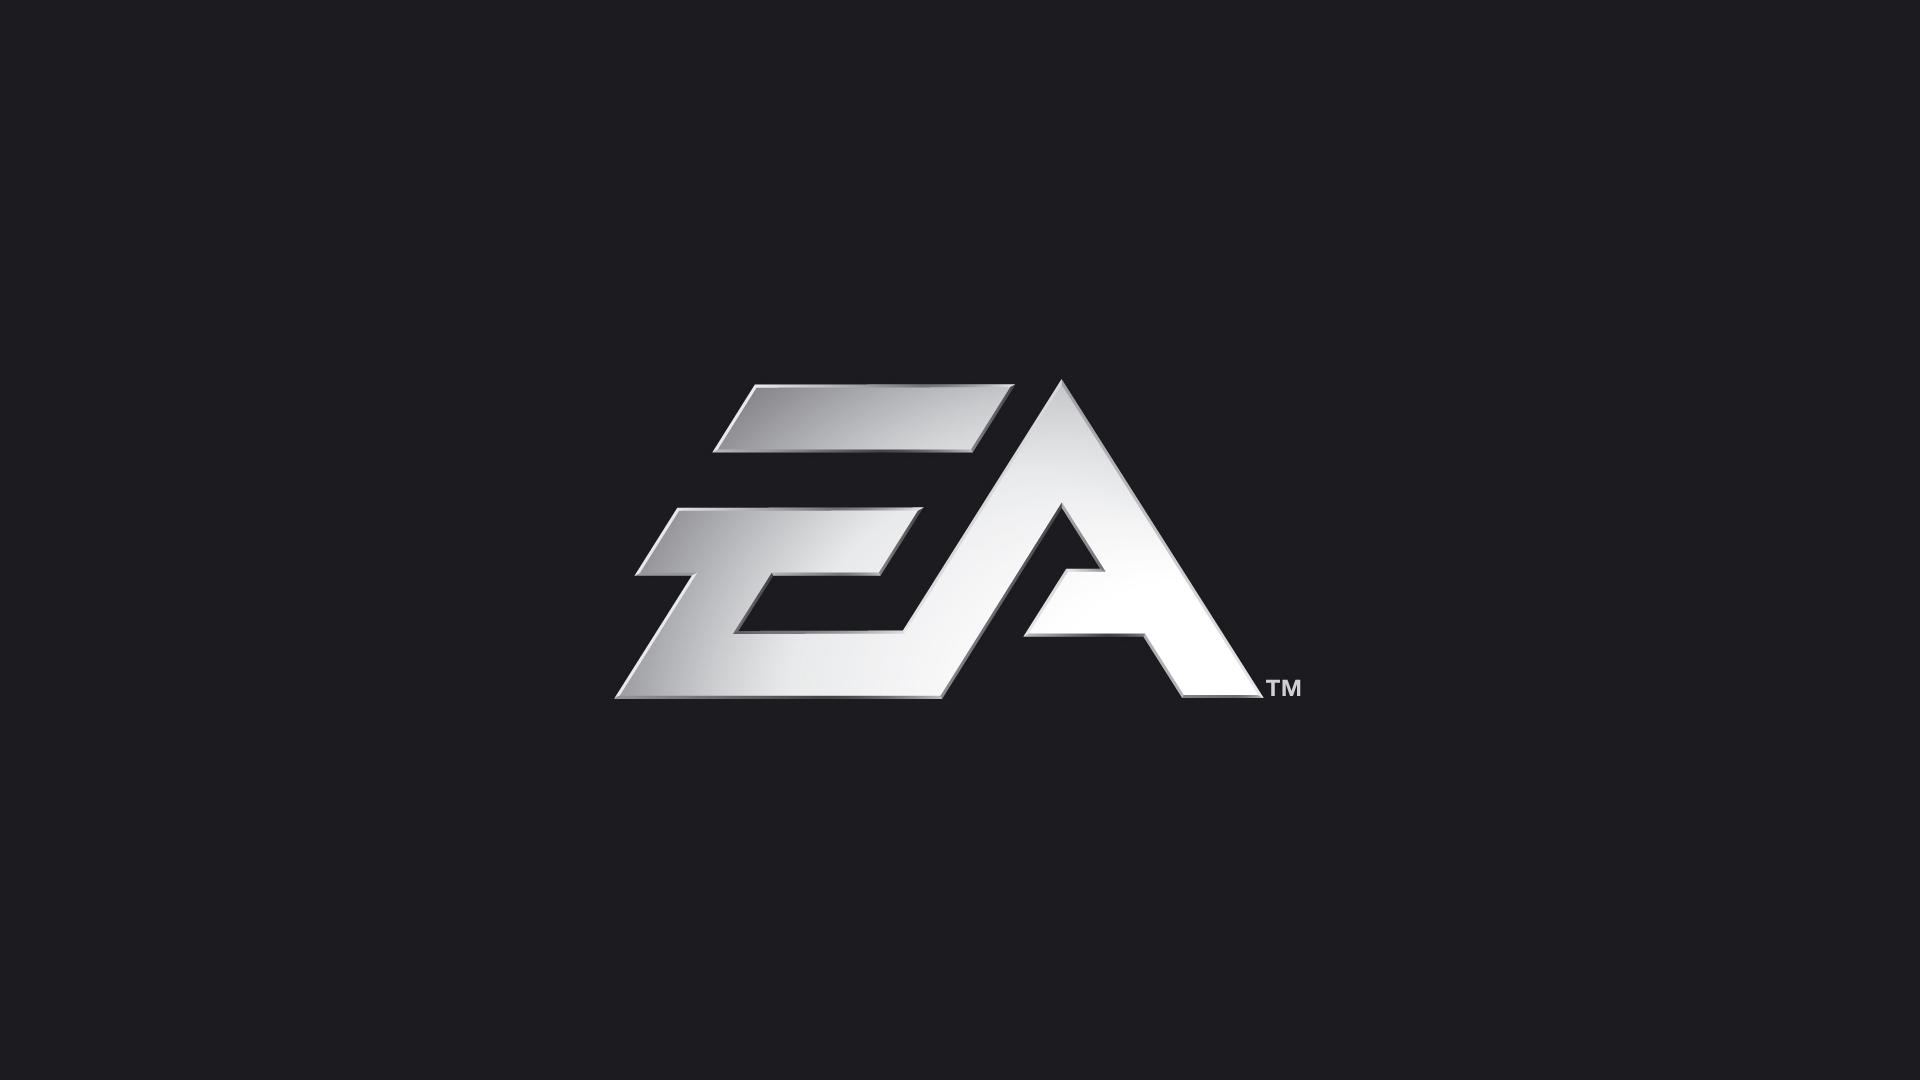 EA quiere seguir con las microtransacciones en sus futuros juegos [Anuncios]